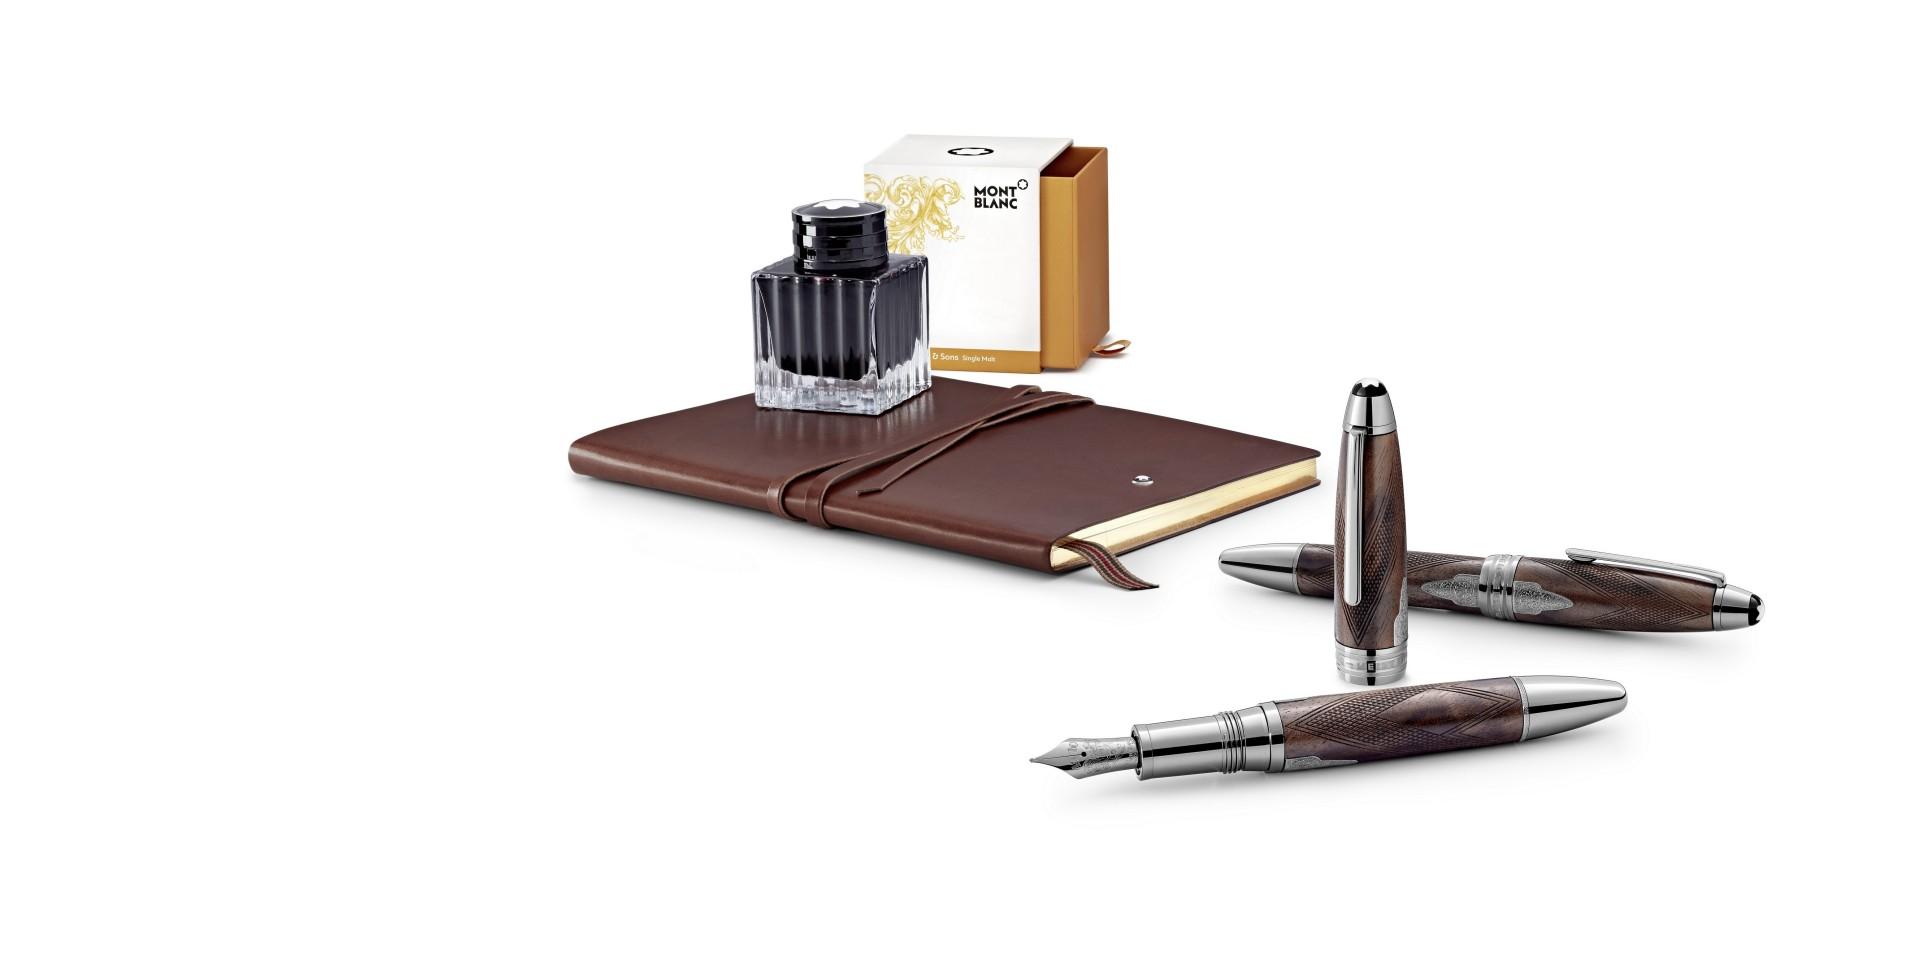 堅持卓越品質:萬寶龍大師傑作名匠系列詹姆士・普迪父子(James Purdey & Sons)書寫工具